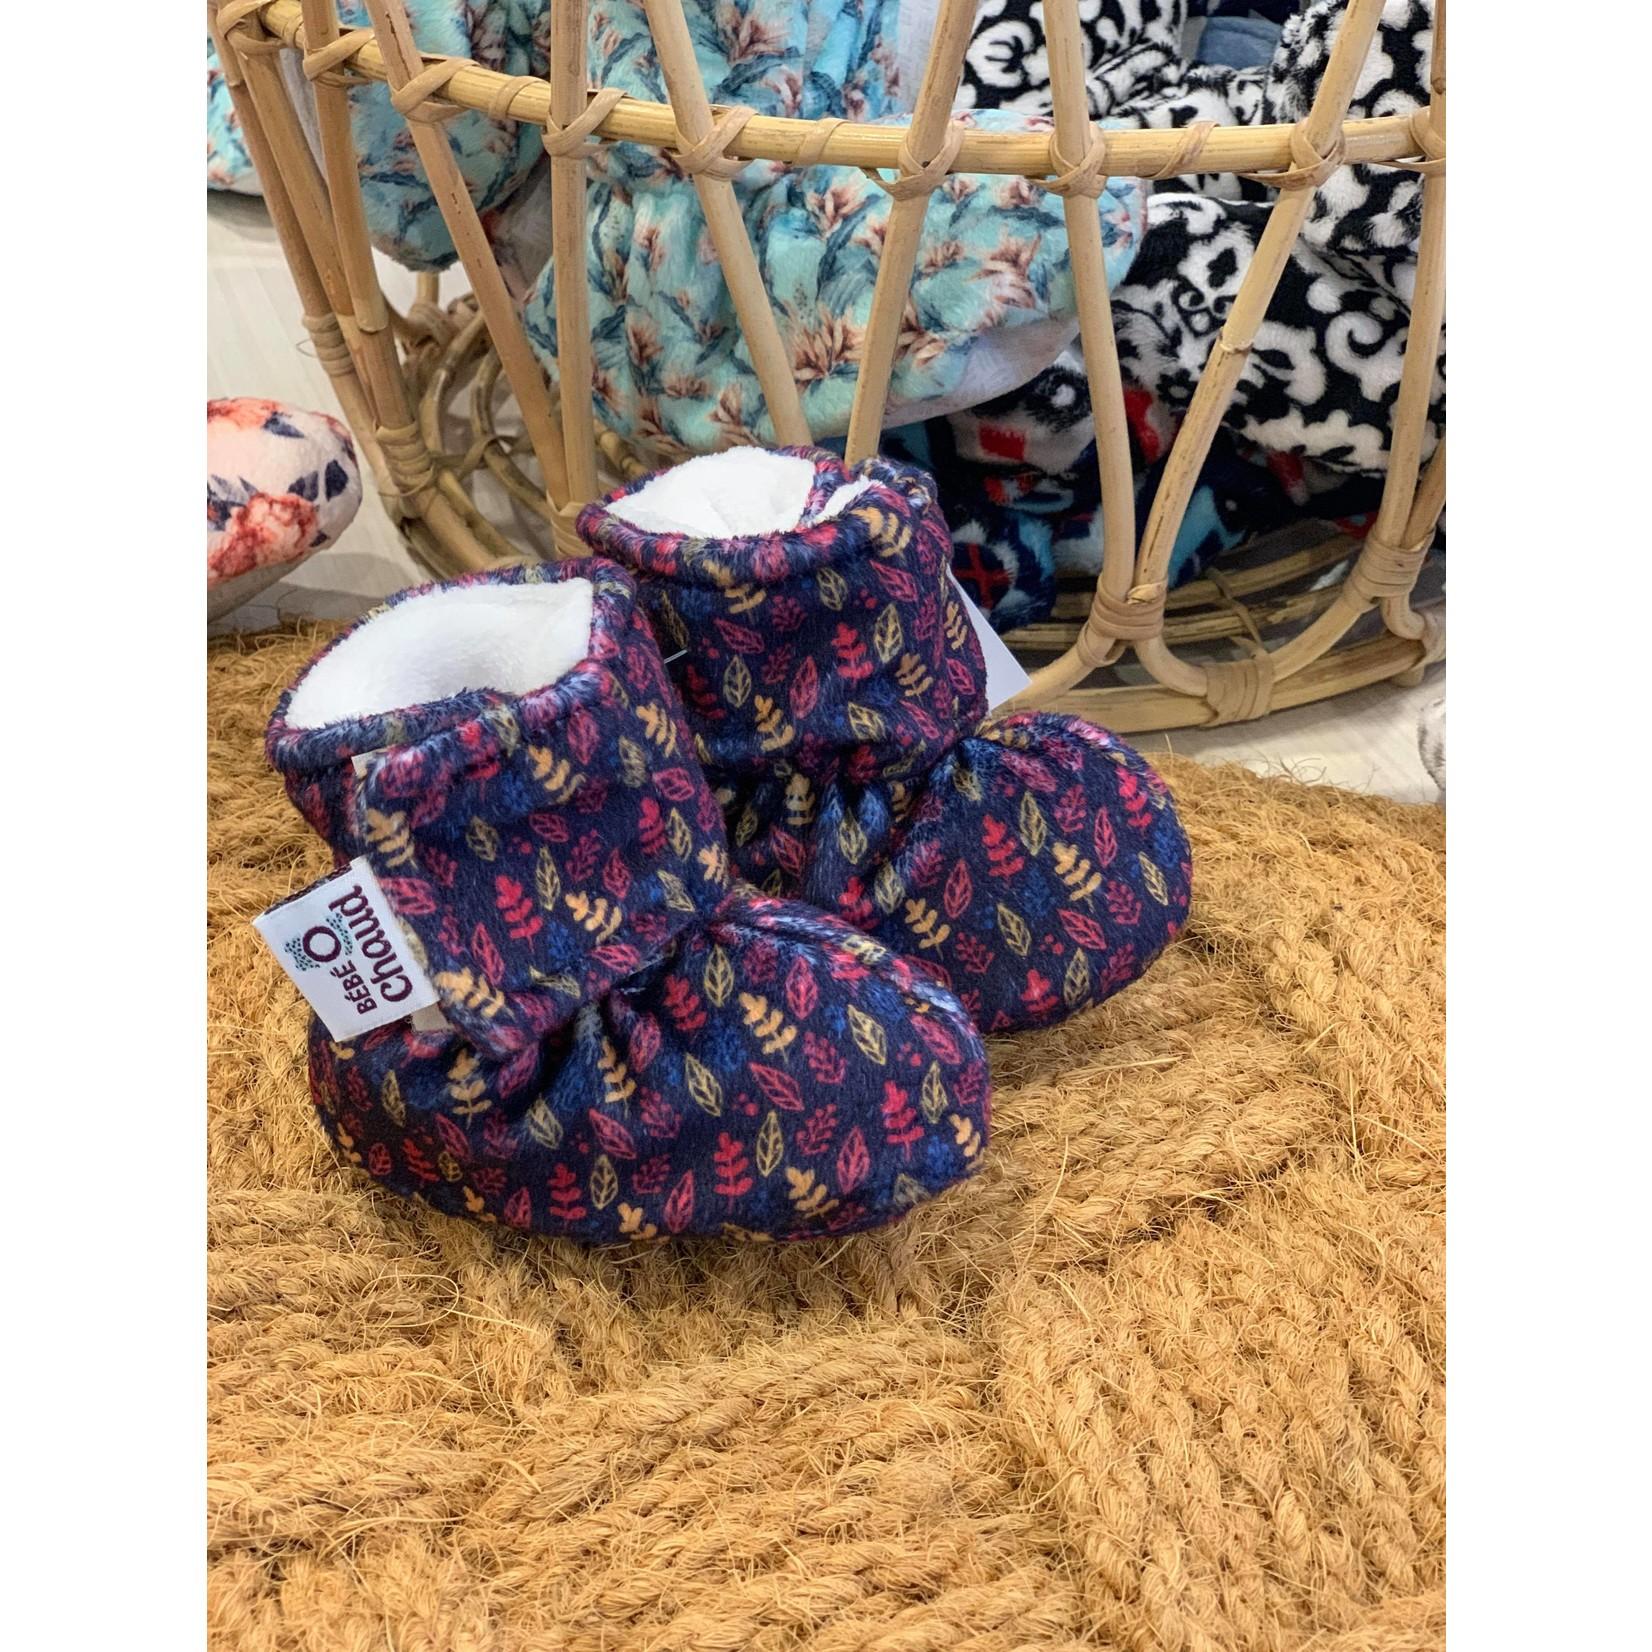 Bébé O Chaud Pantoufles Bébé O Chaud 3-6 mois